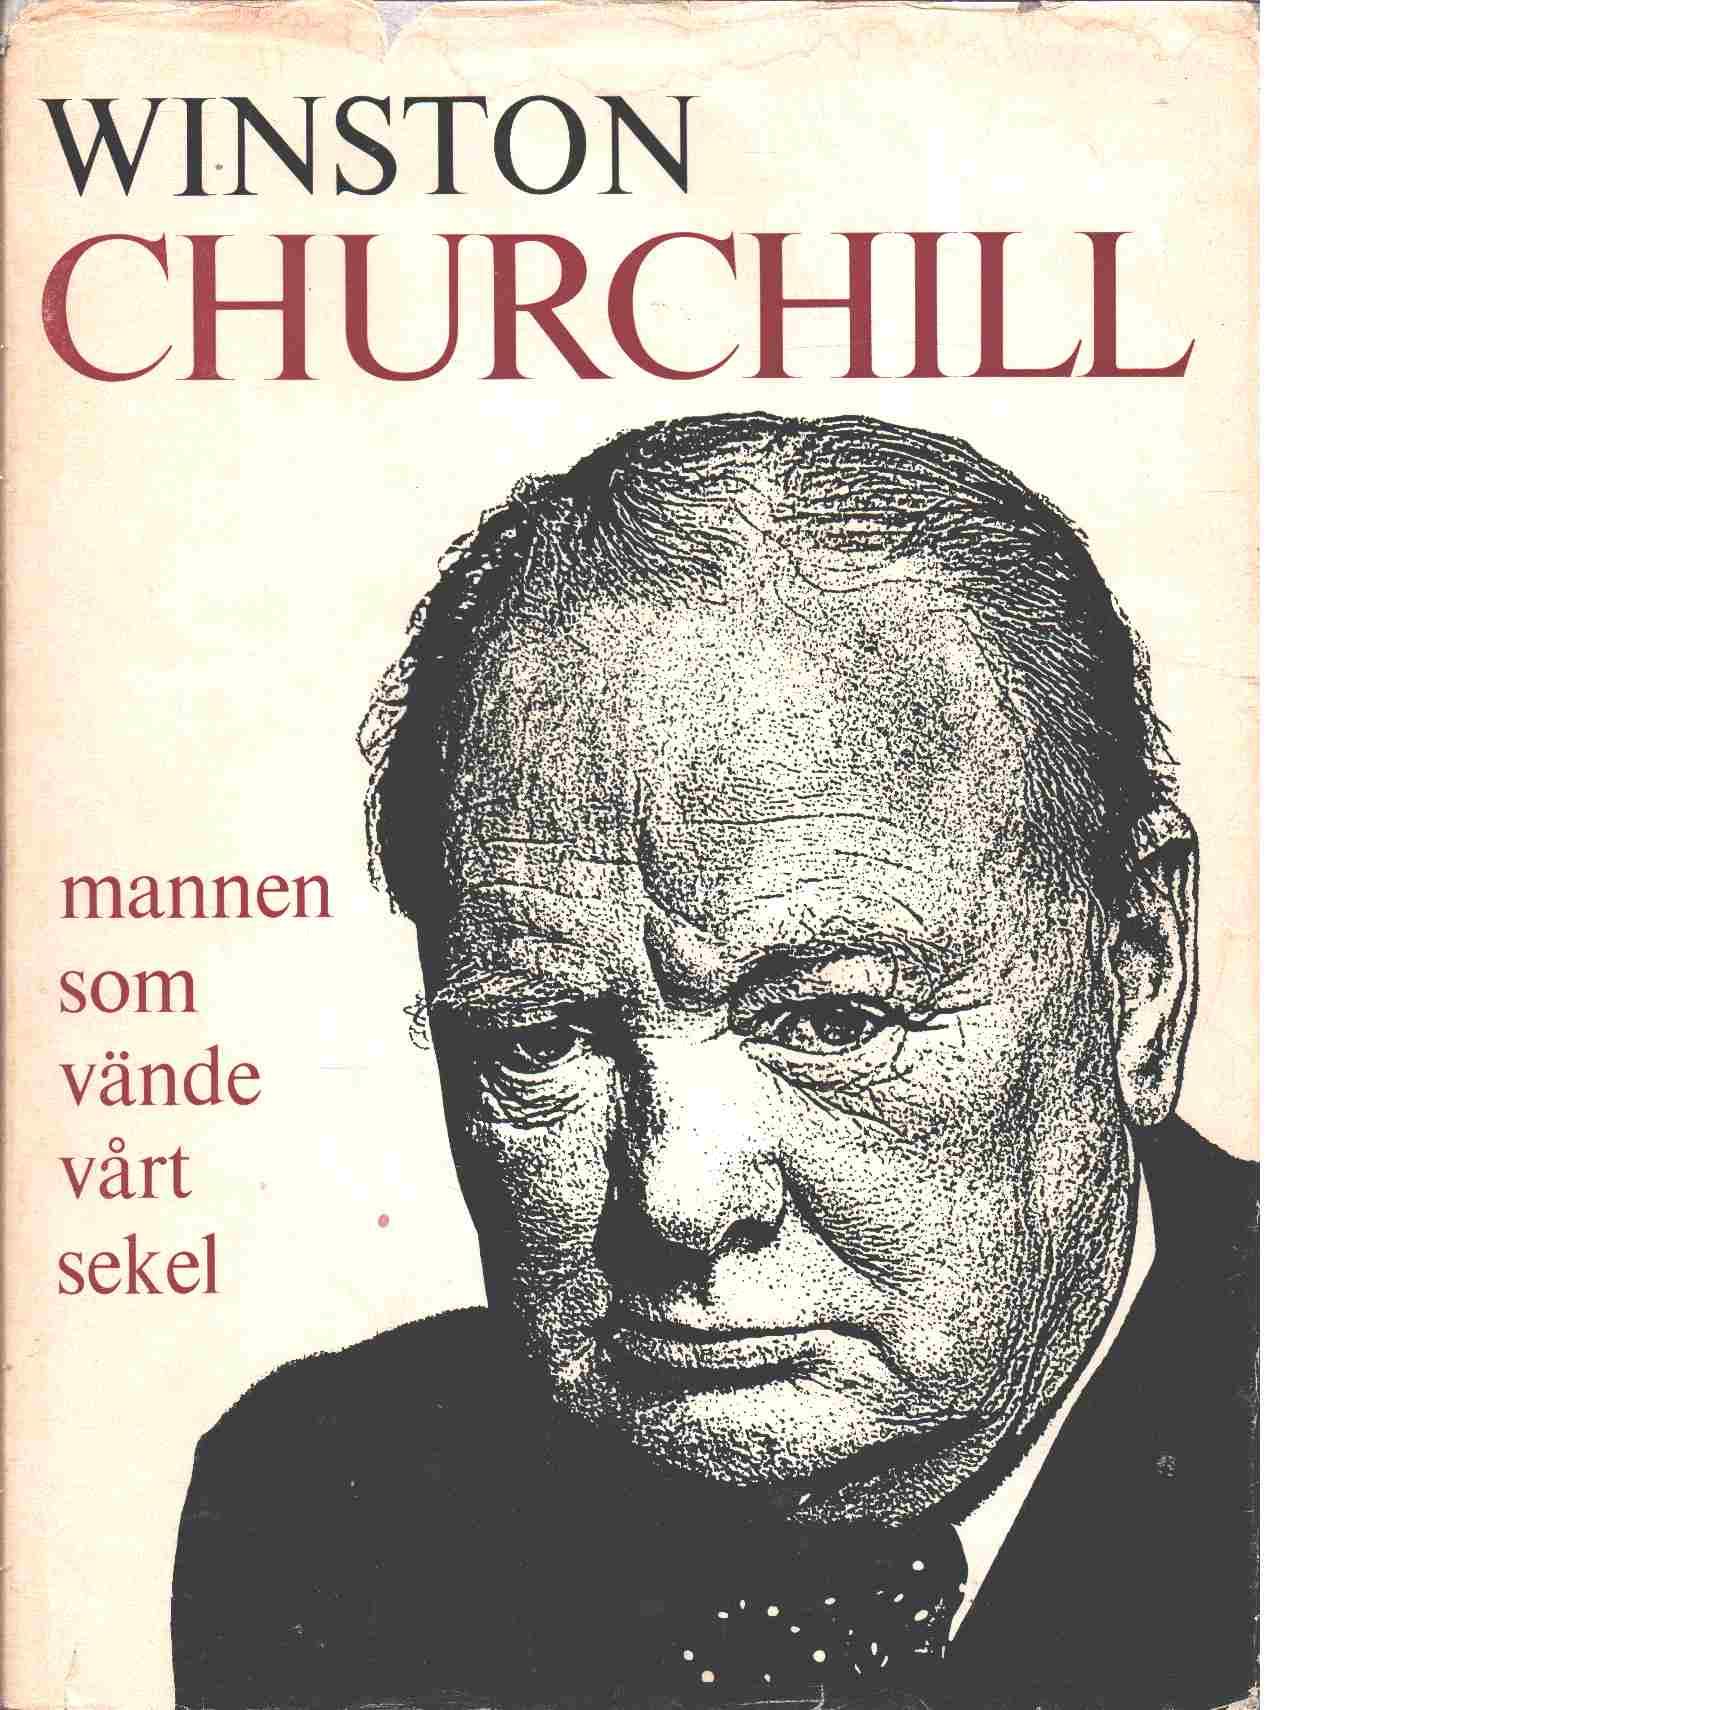 Winston Churchill, mannen som vände vårt sekel - Red.